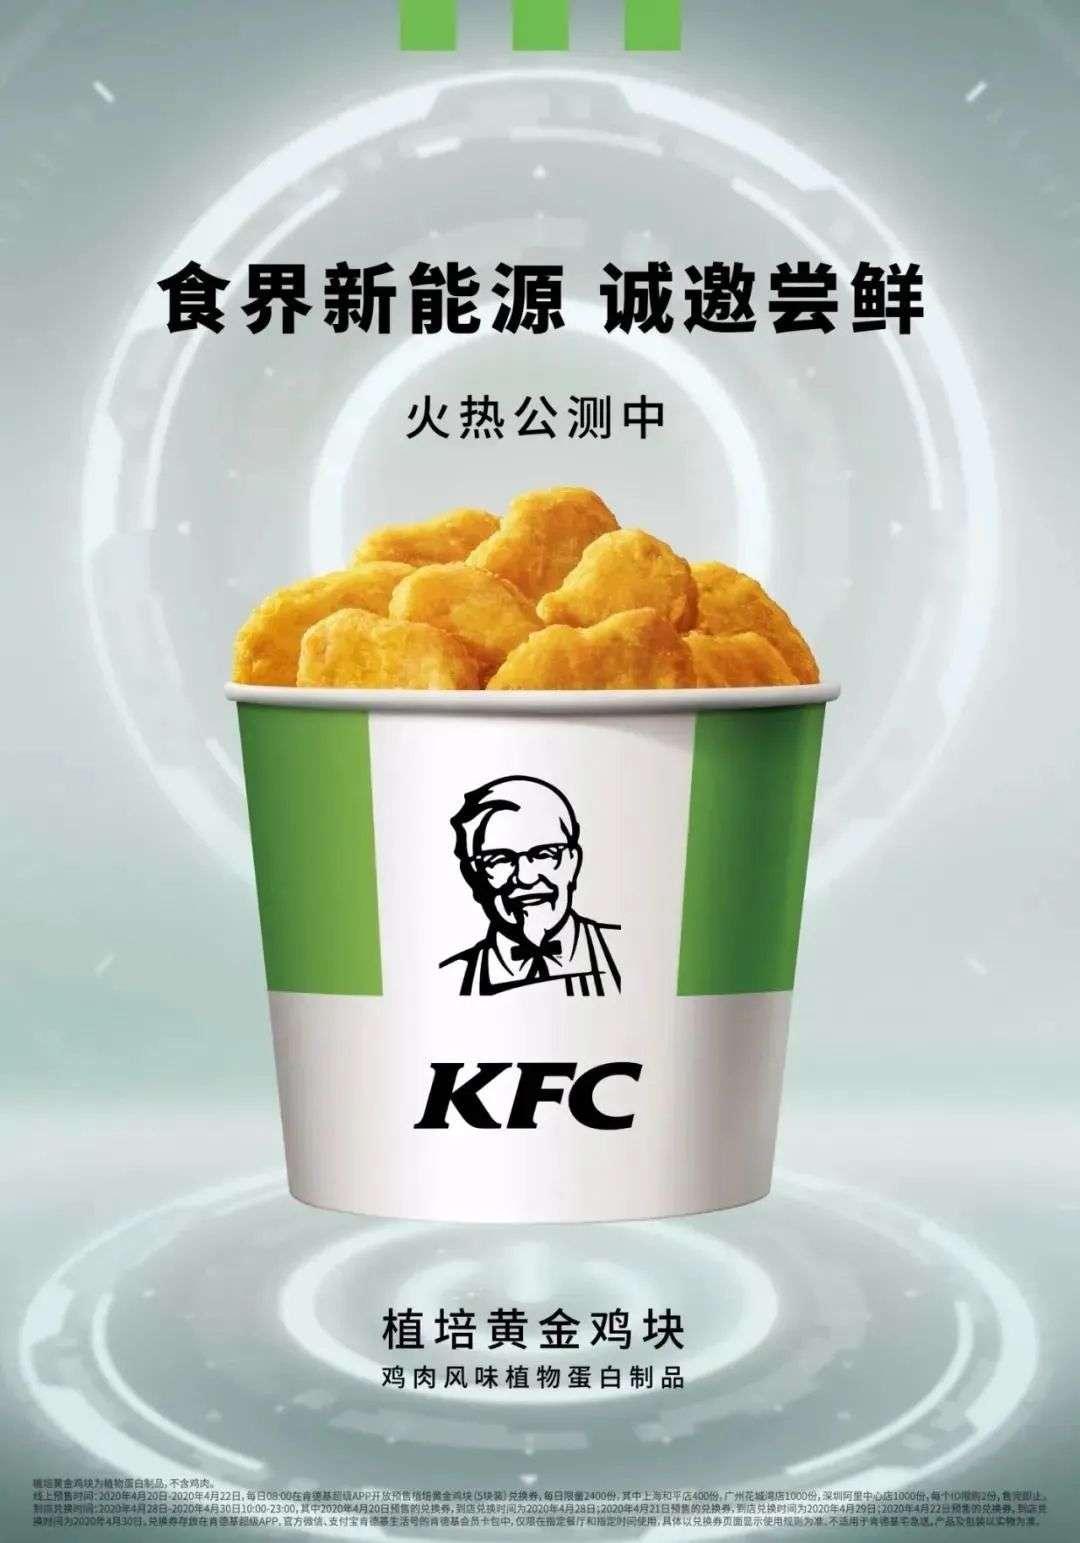 美国人造肉公司来中国建厂了,牛肉猪肉鸡肉都有,你会买单吗?